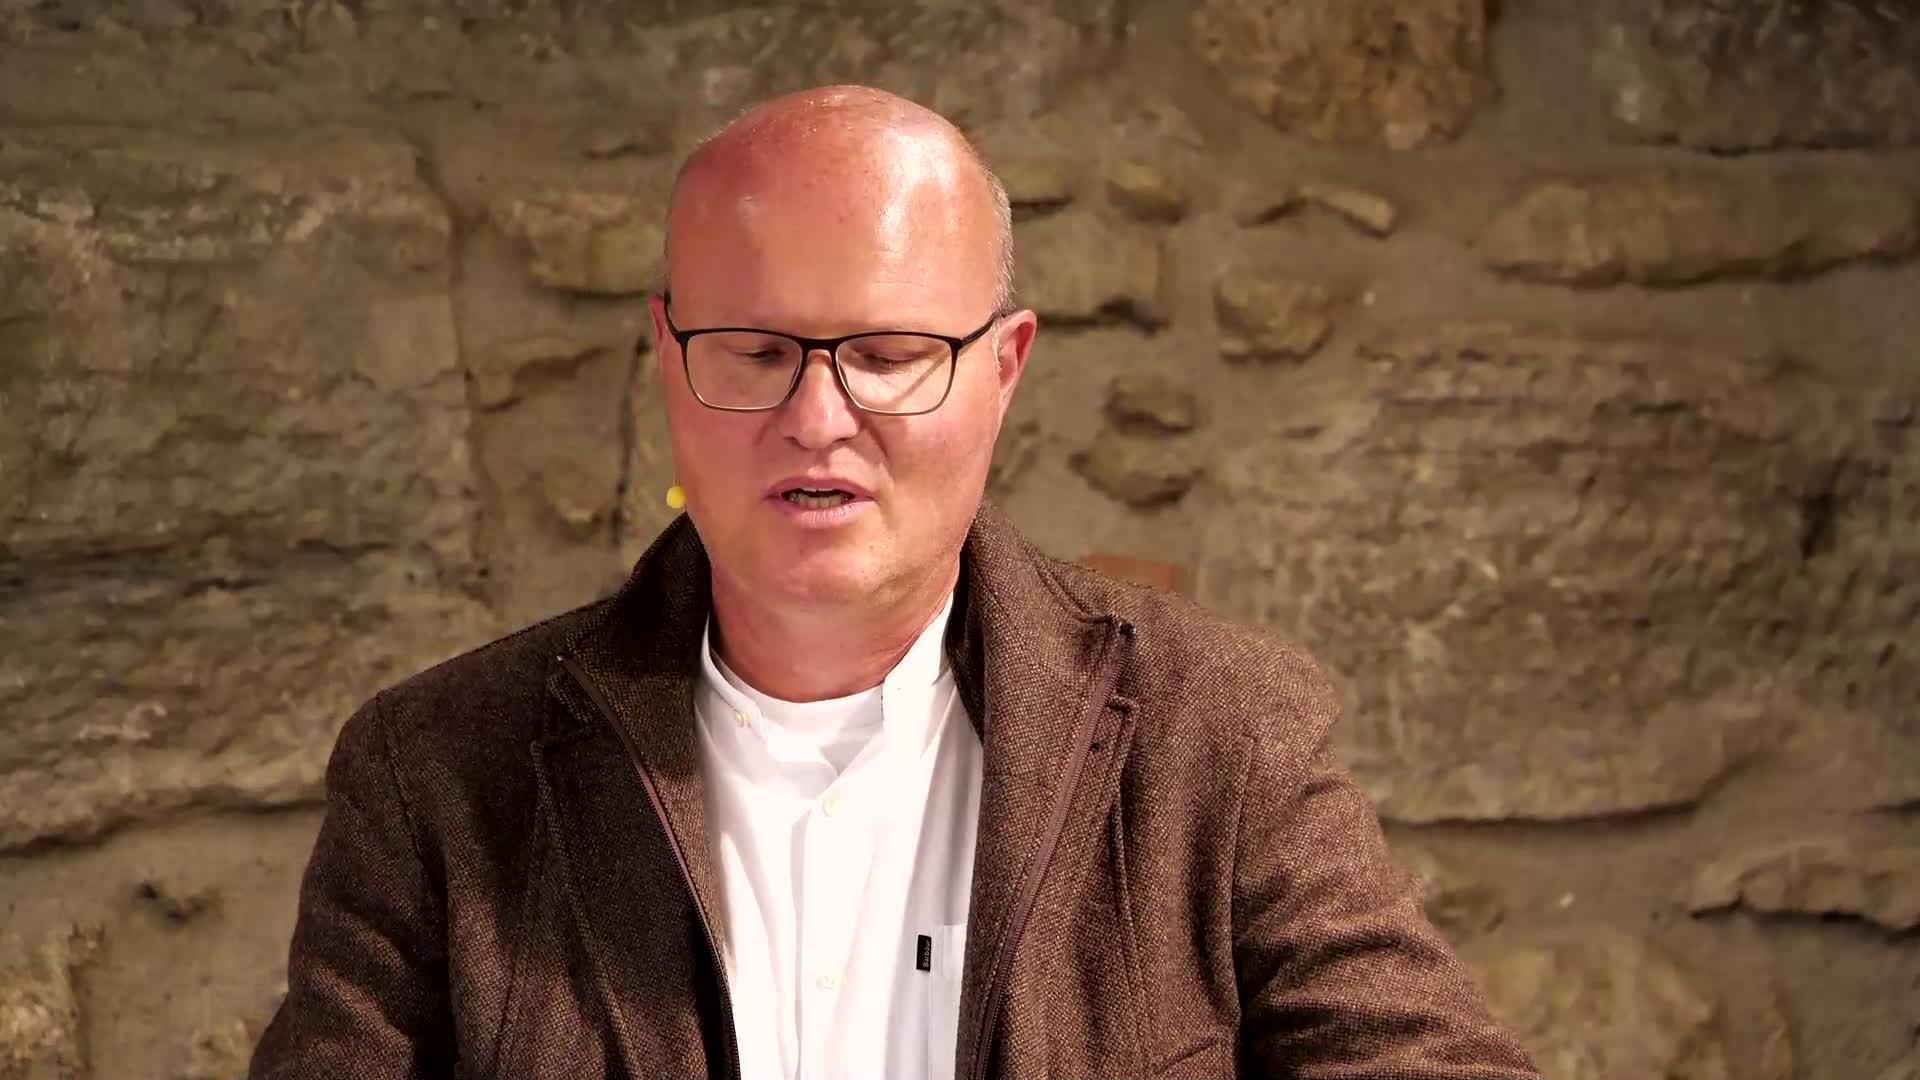 ALETHEIA Medienkonferenz 28. Mai 2021 - Dr. med. Andreas Heisler